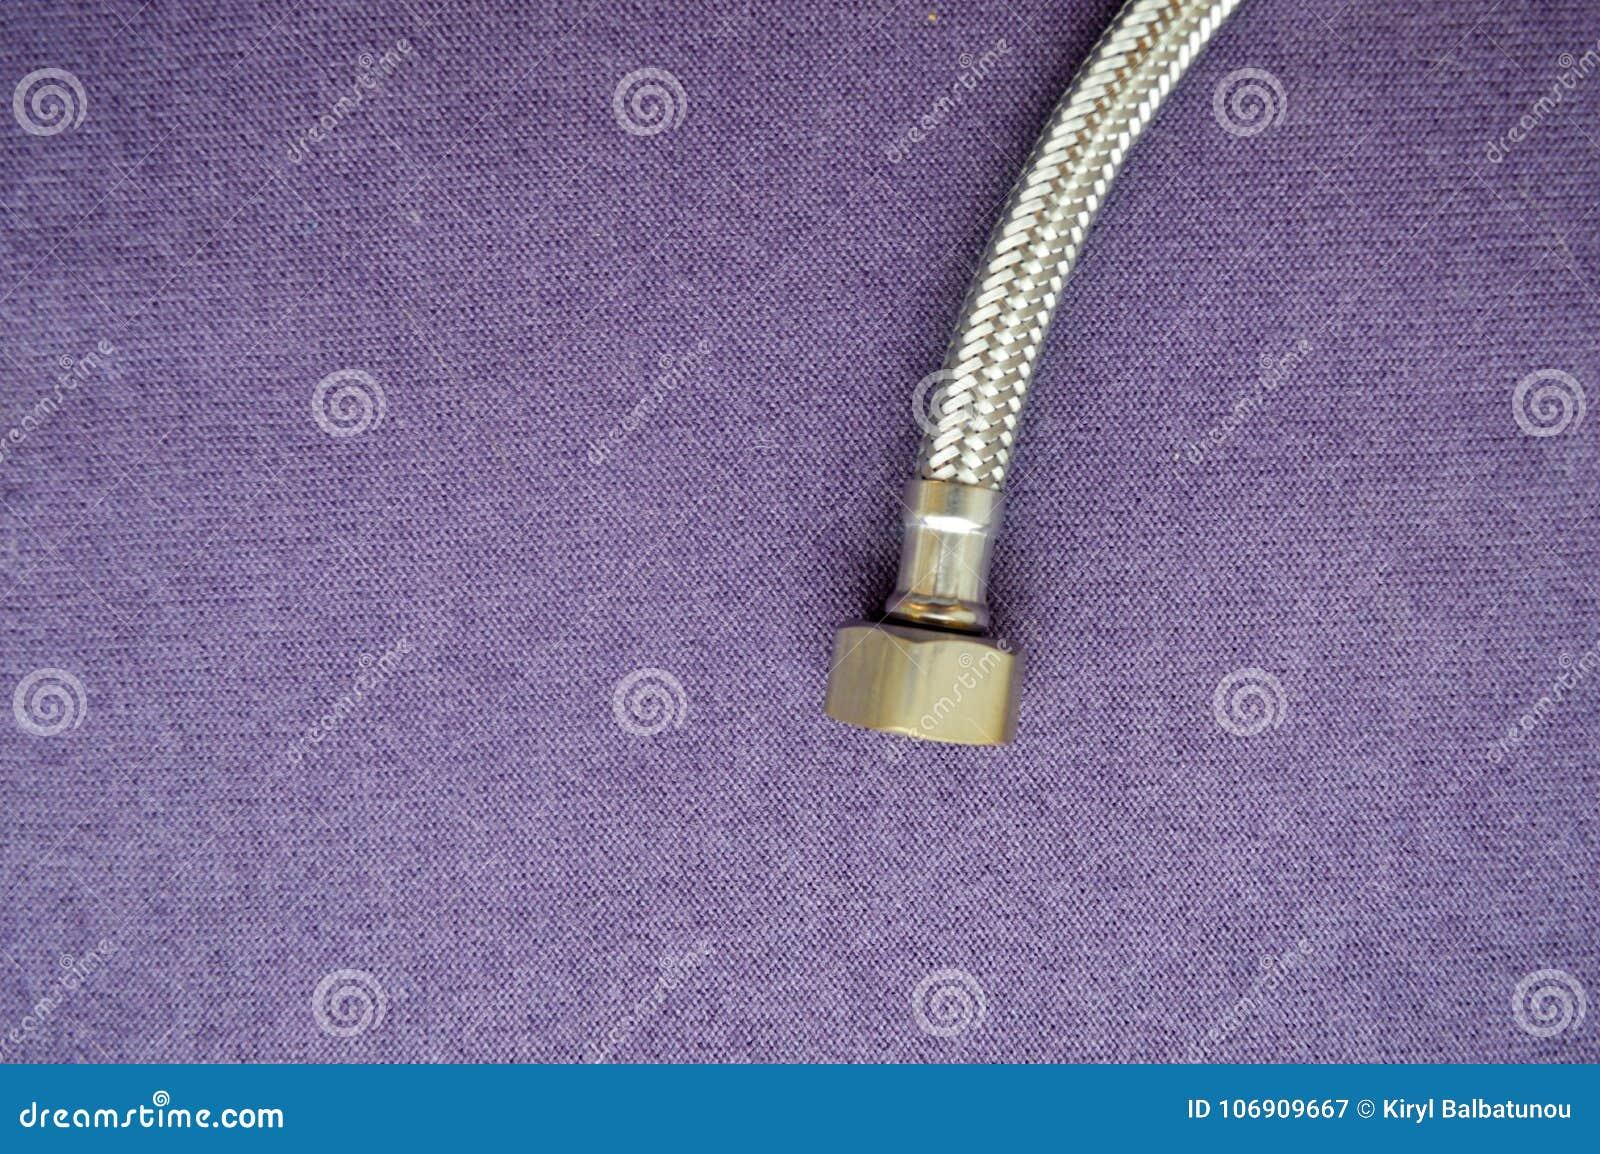 Threaded klepnięcie, zbrojony, srebny wąż elastyczny na purpurowym tle,